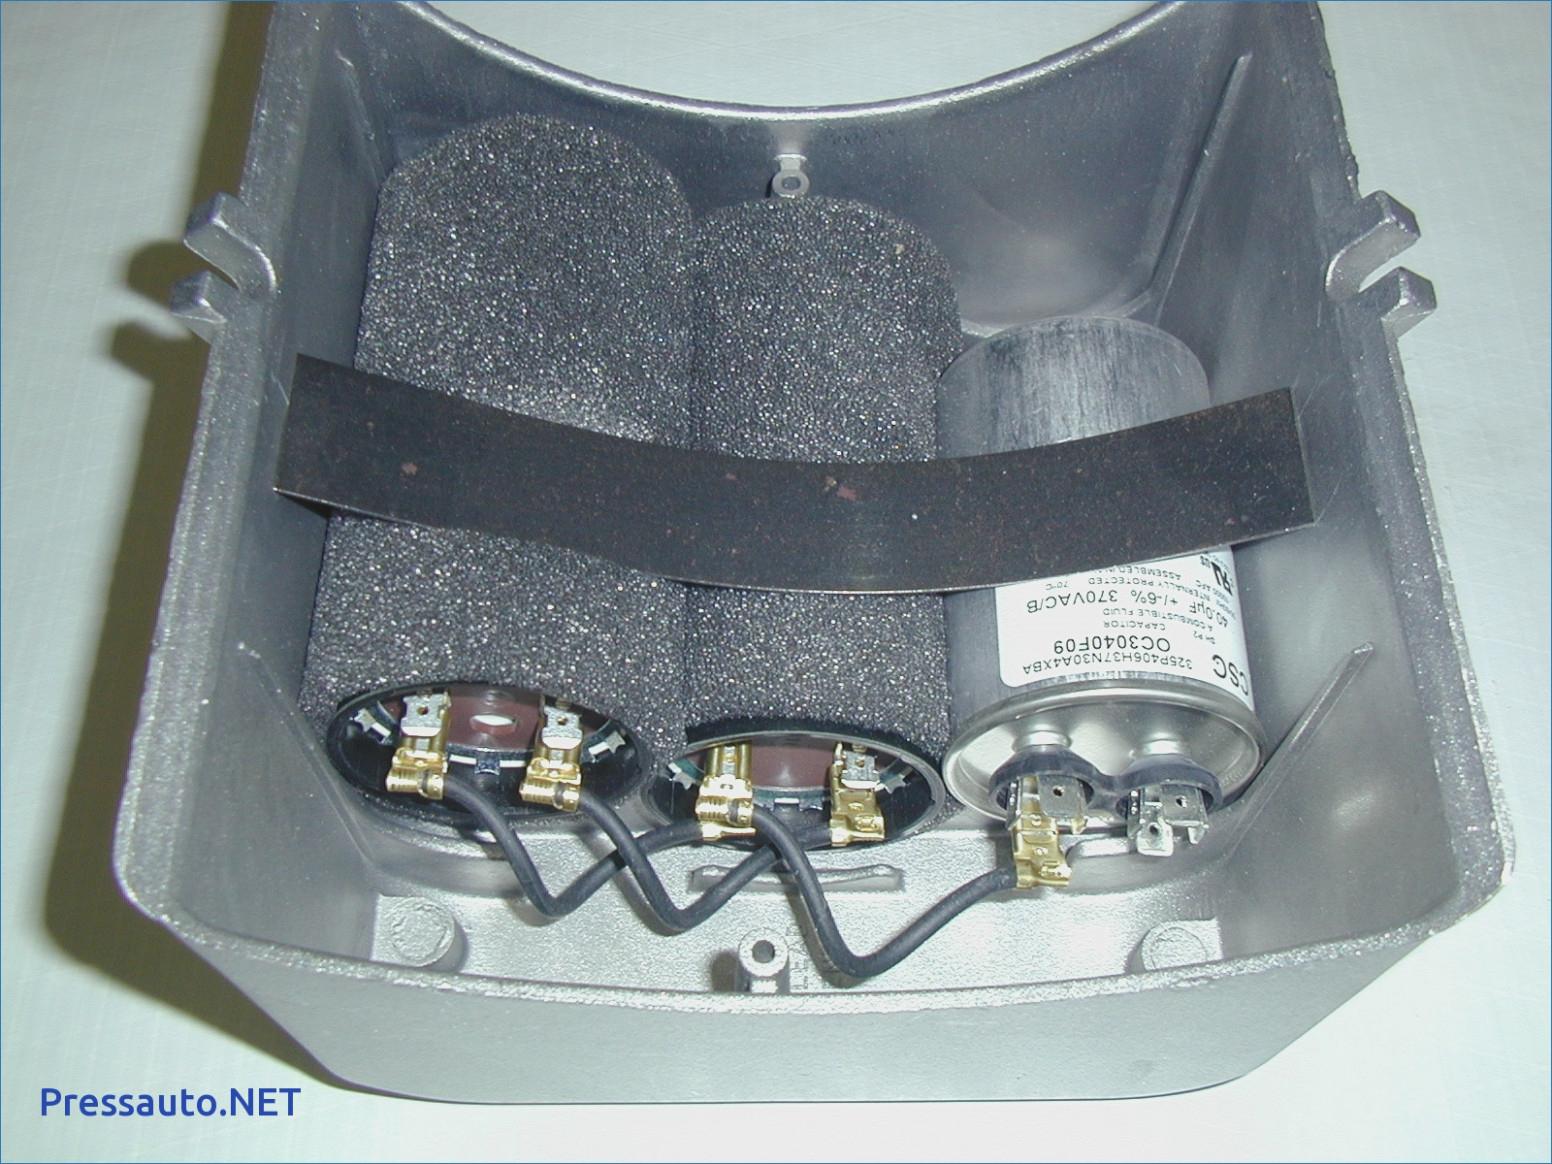 Baldor Motor Capacitor Wiring Diagram - Wiring Diagram Explained - Capacitor Wiring Diagram